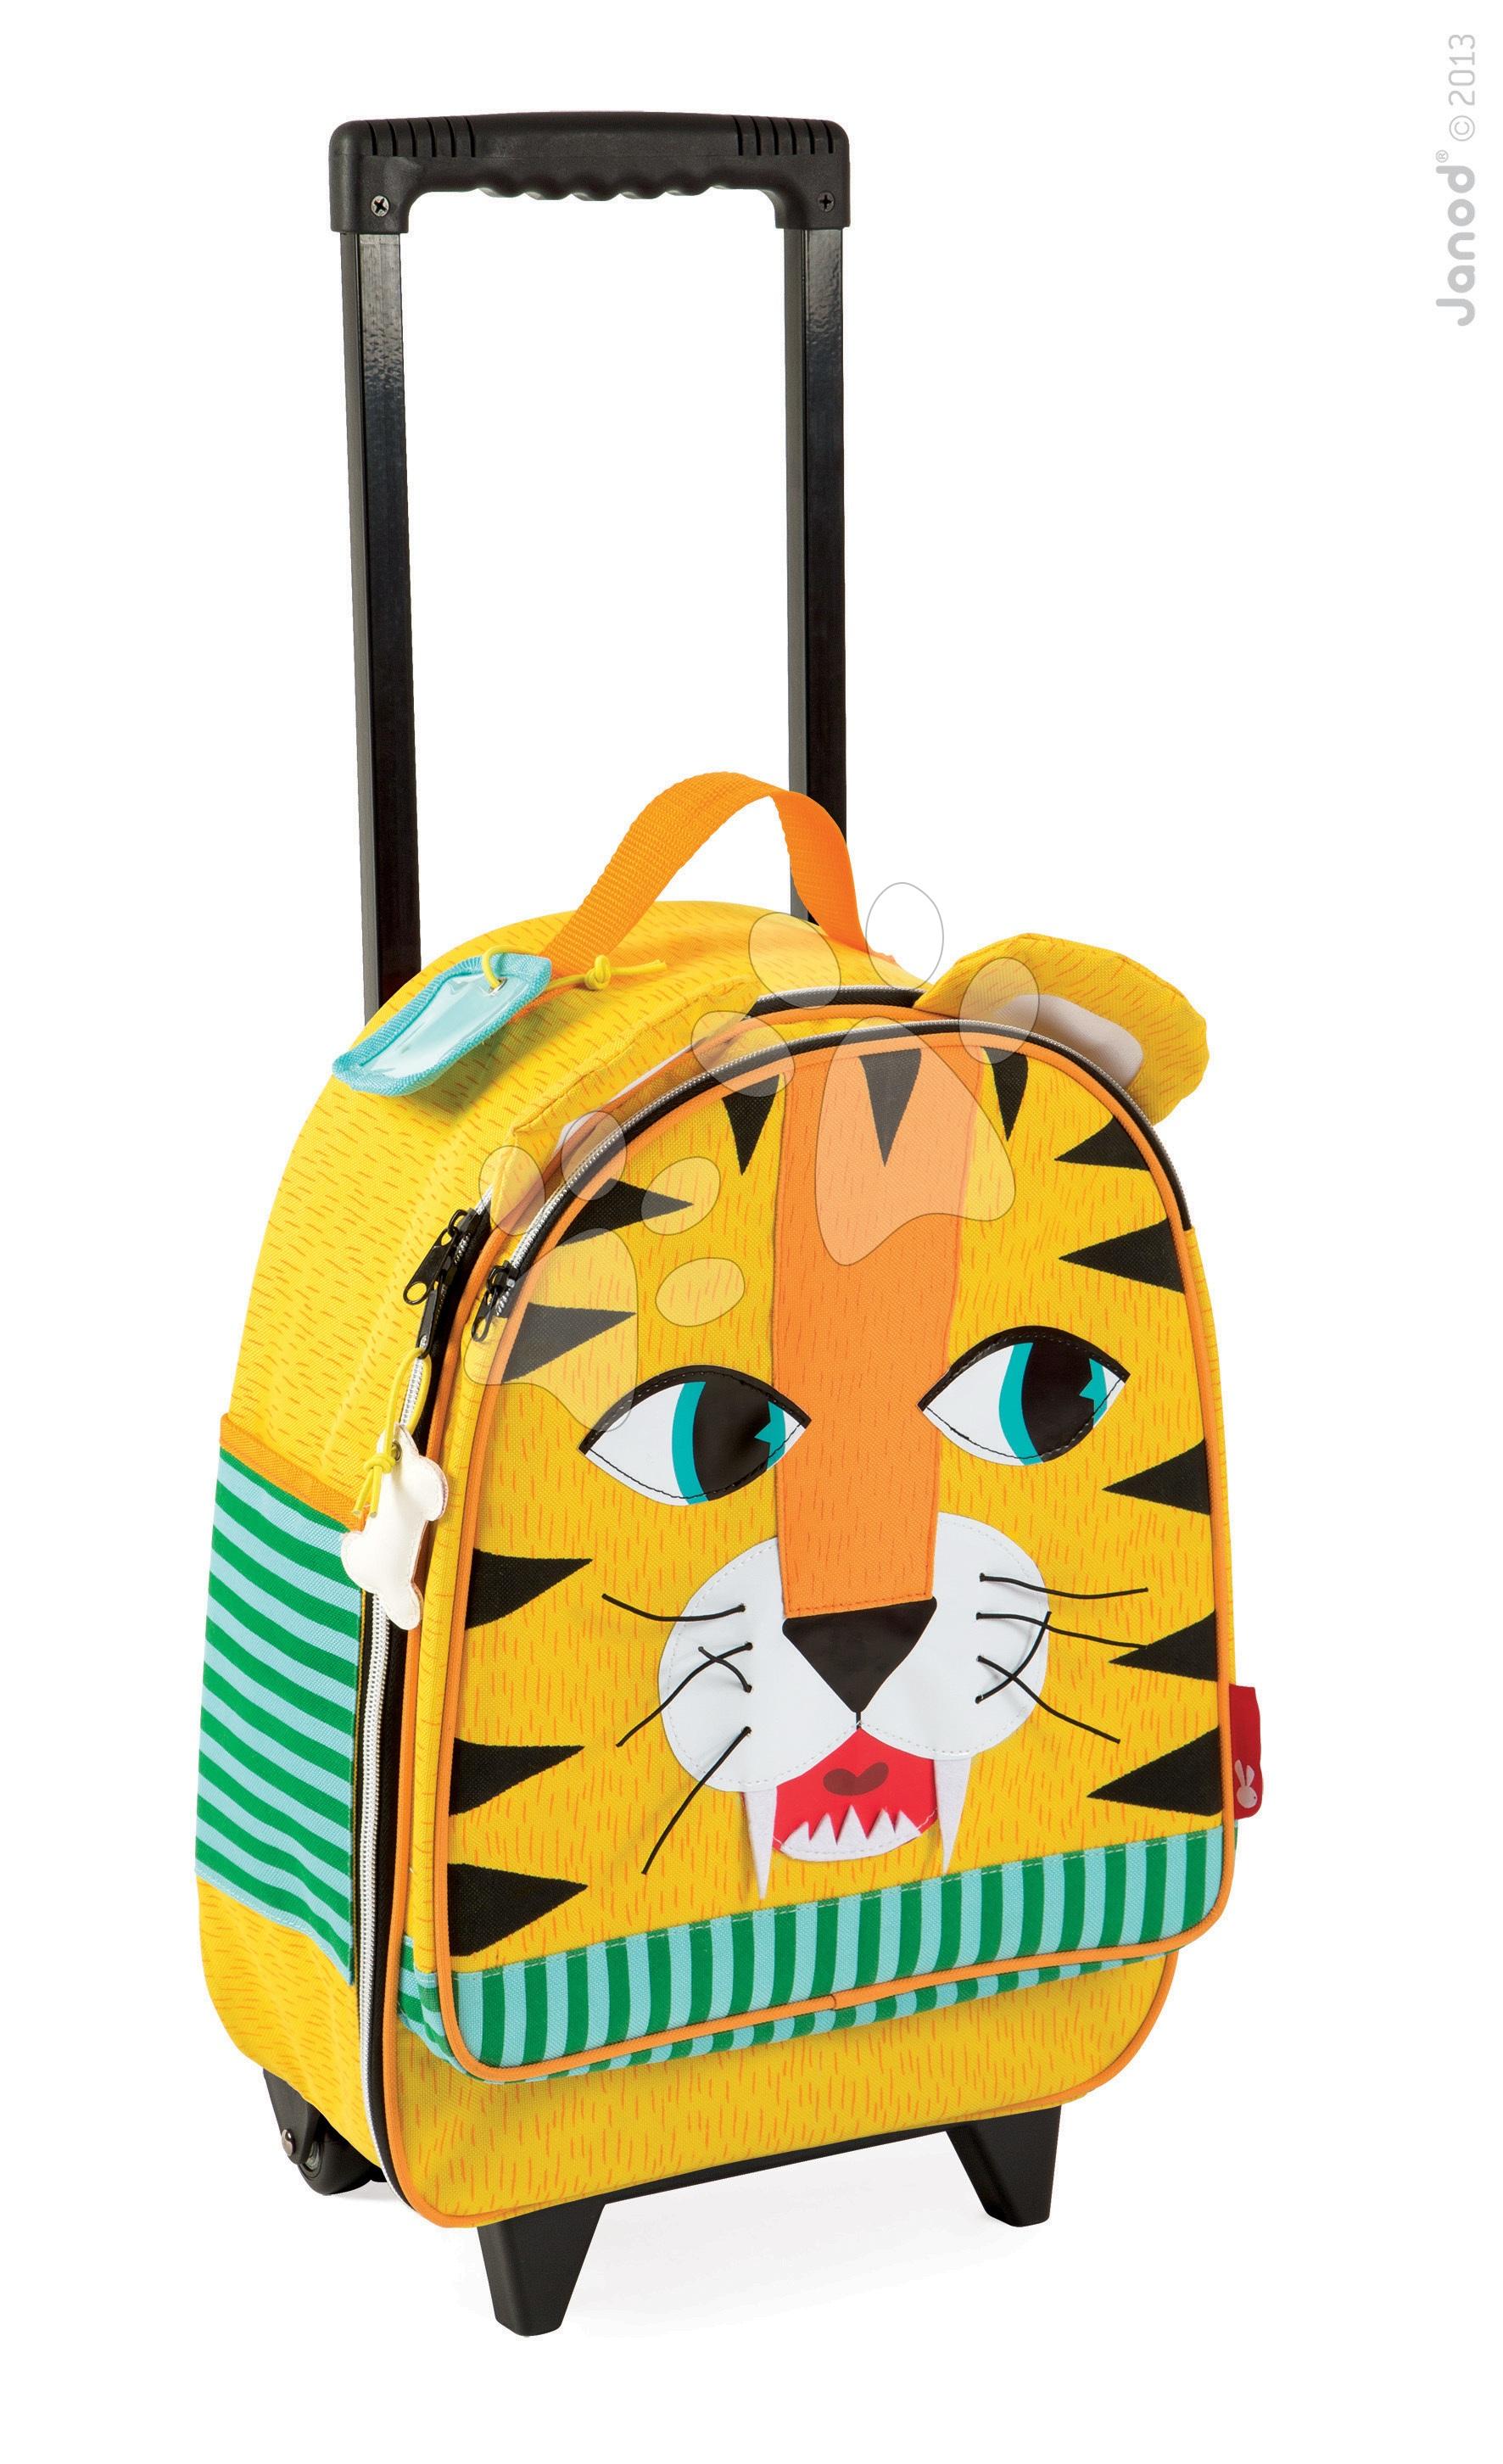 Školské tašky a batohy - Kufor Tiger Janod na kolieskach od 3 rokov